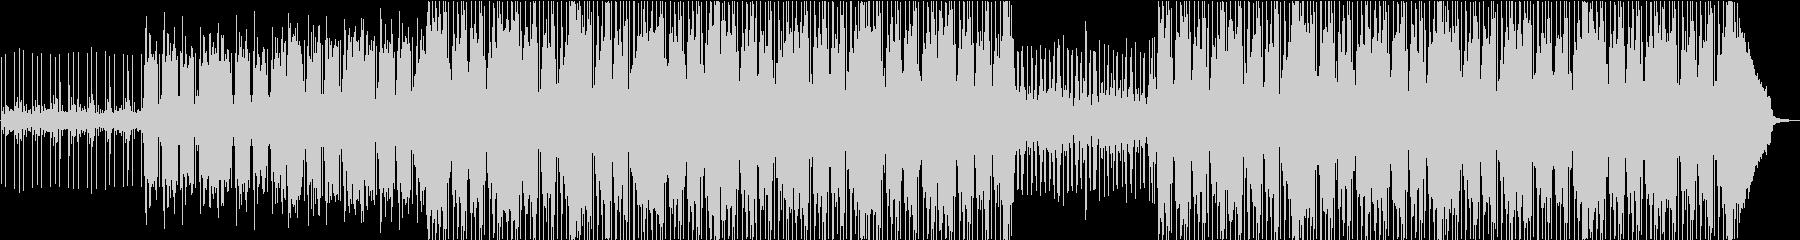 ファンク アンビエントミュージック...の未再生の波形